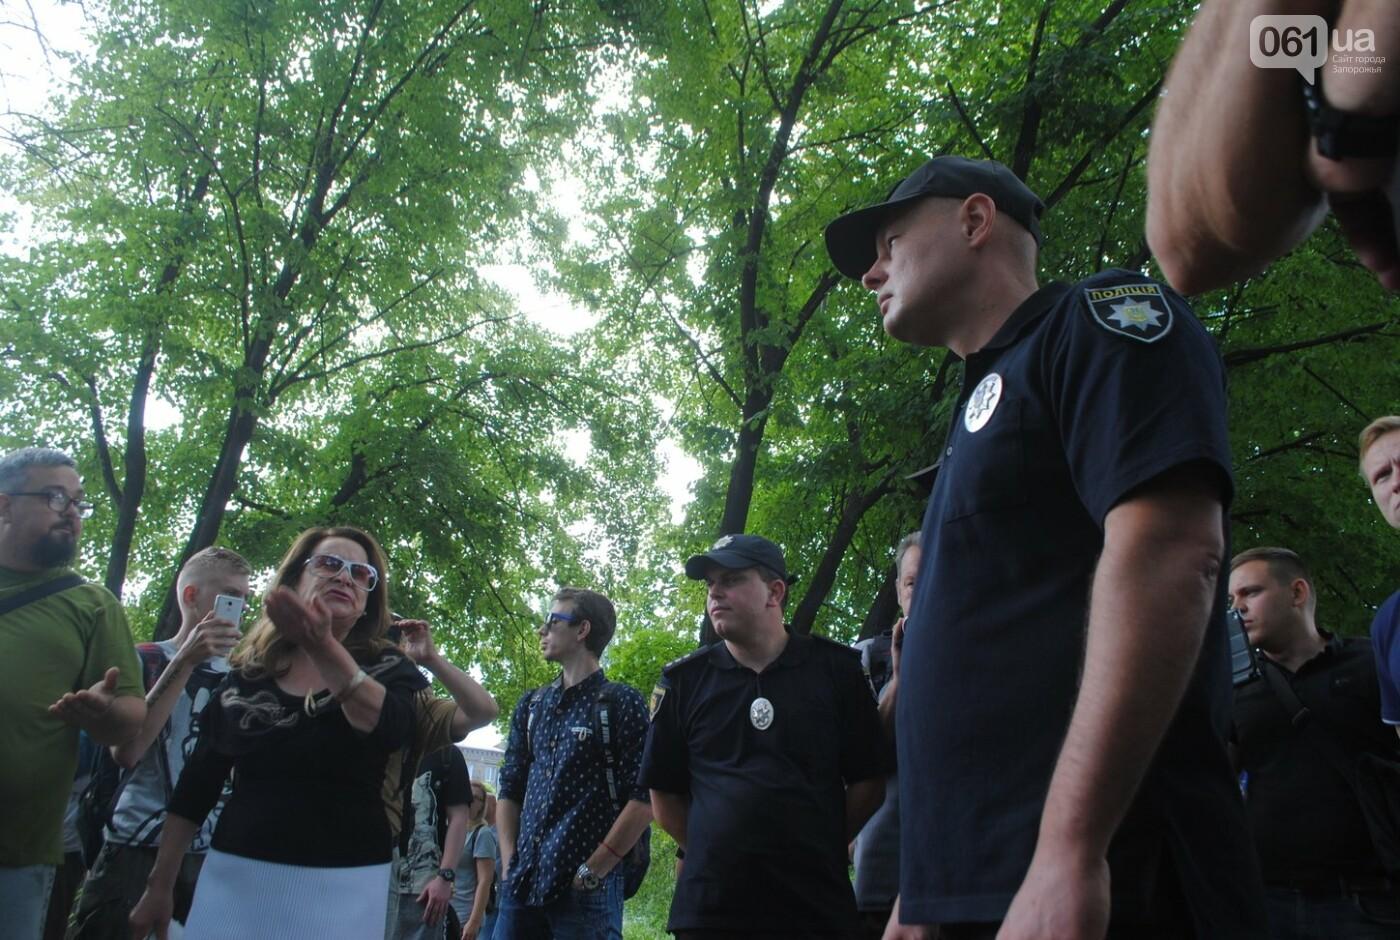 Протест в парке Яланского в лицах, - колоритный ФОТОРЕПОРТАЖ, фото-33